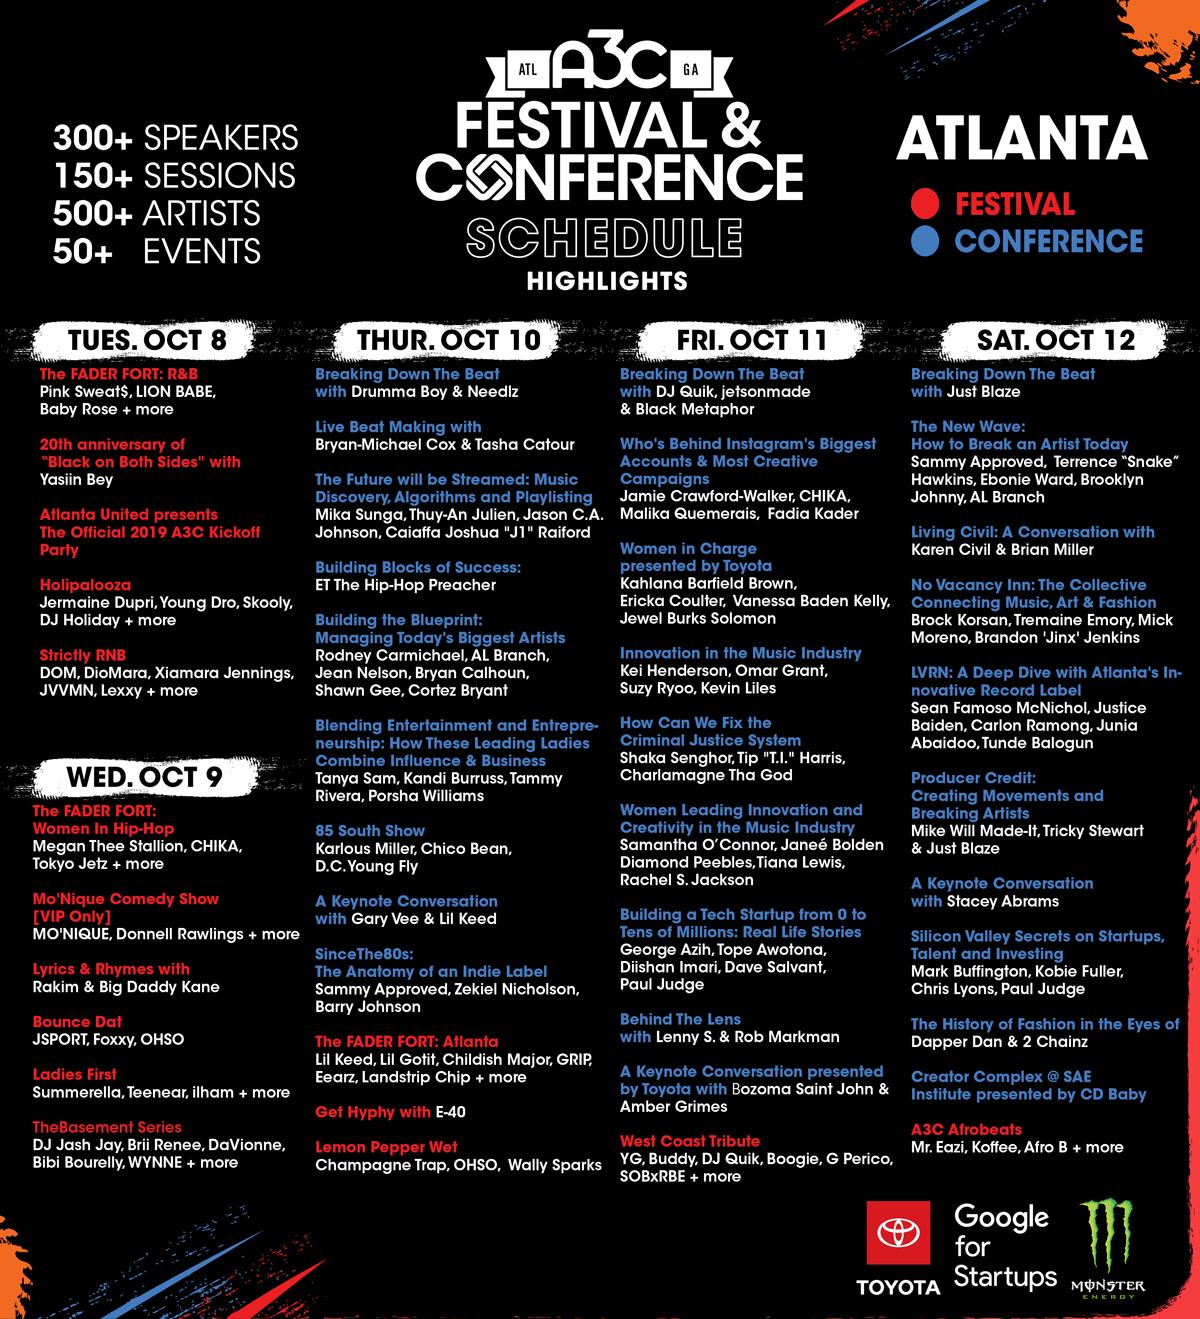 米アトランタに集結するヒップホップの祭典「A3C Festival 」国内初レポート